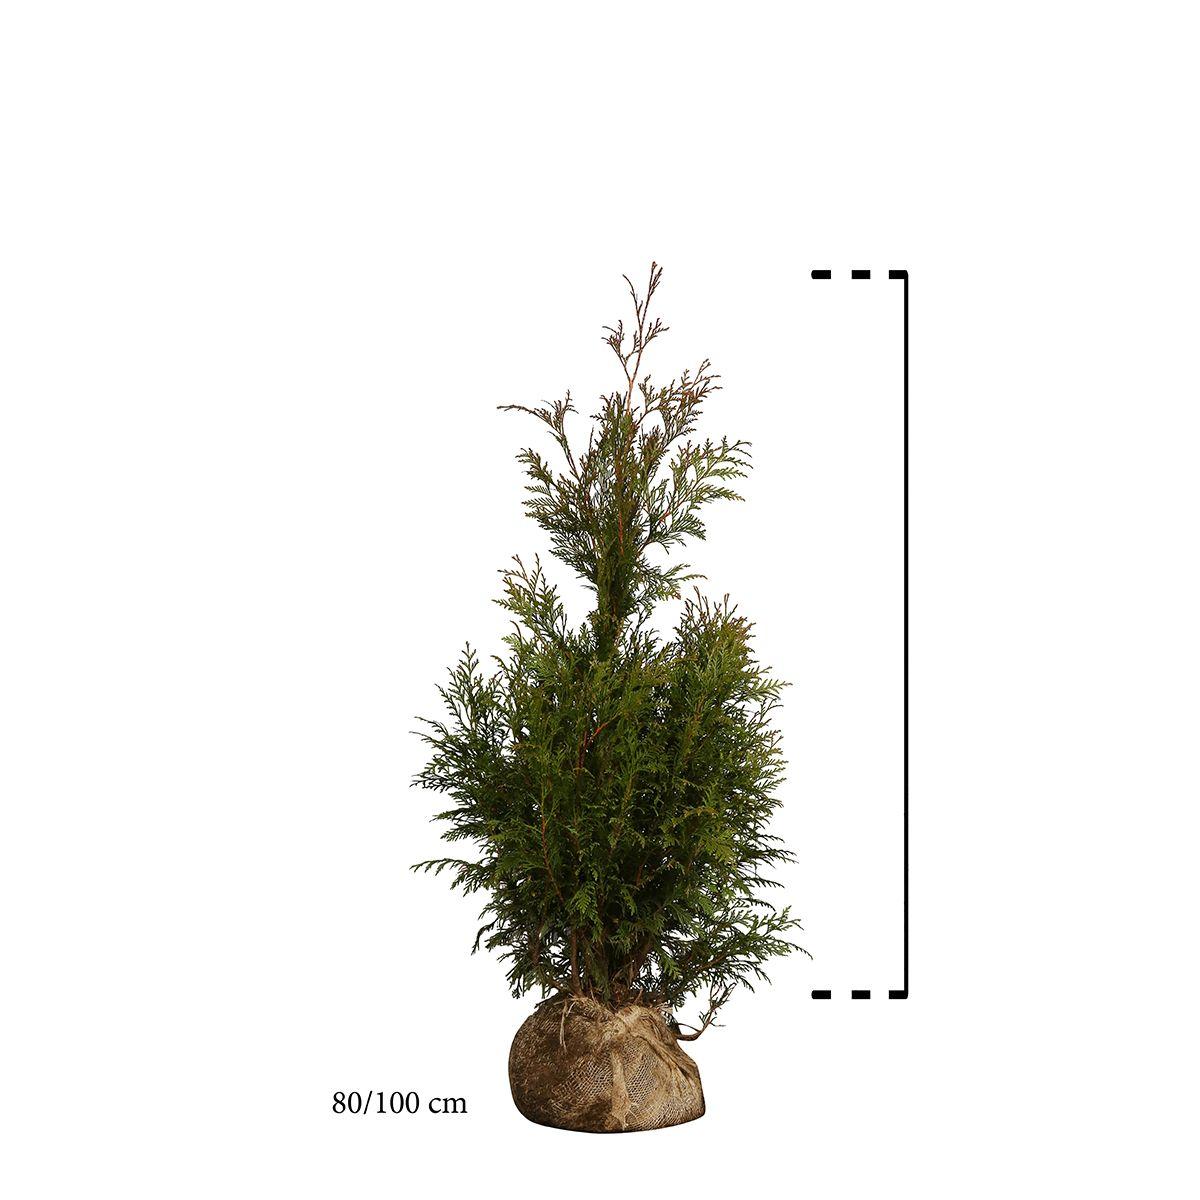 Lebensbaum 'Martin' Wurzelballen 80-100 cm